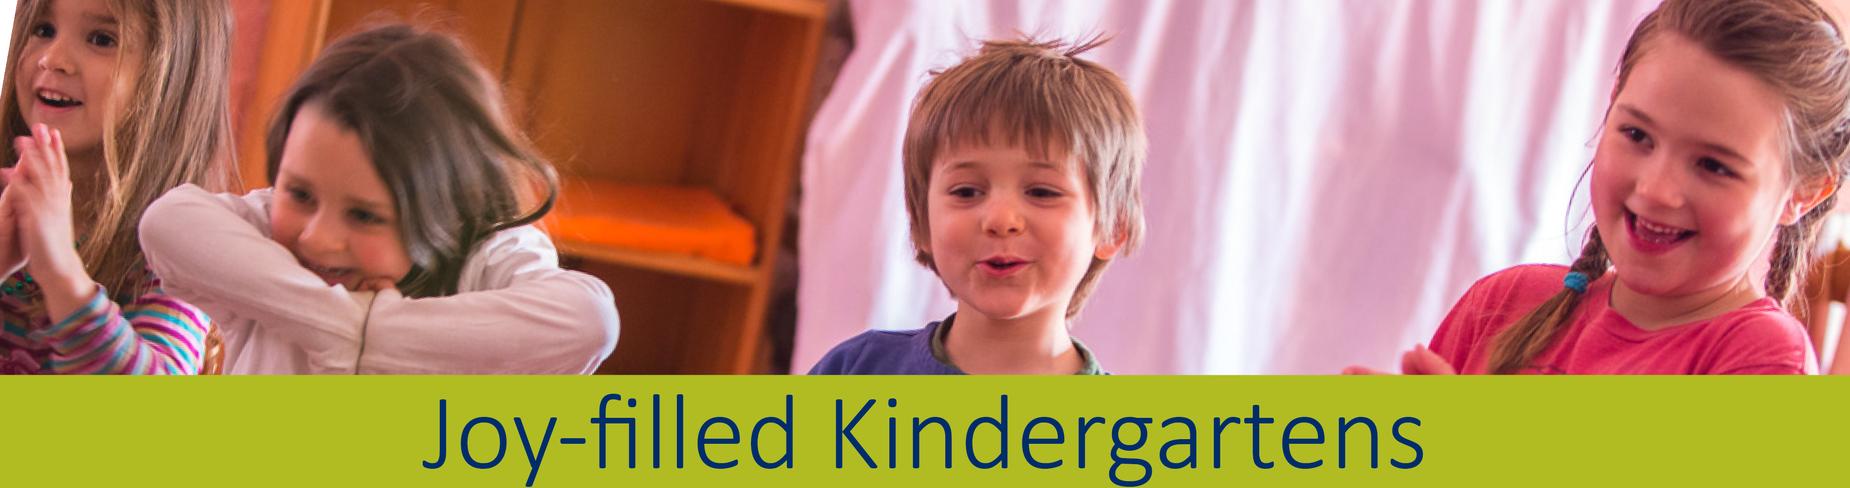 Joy-filled Kindergartens